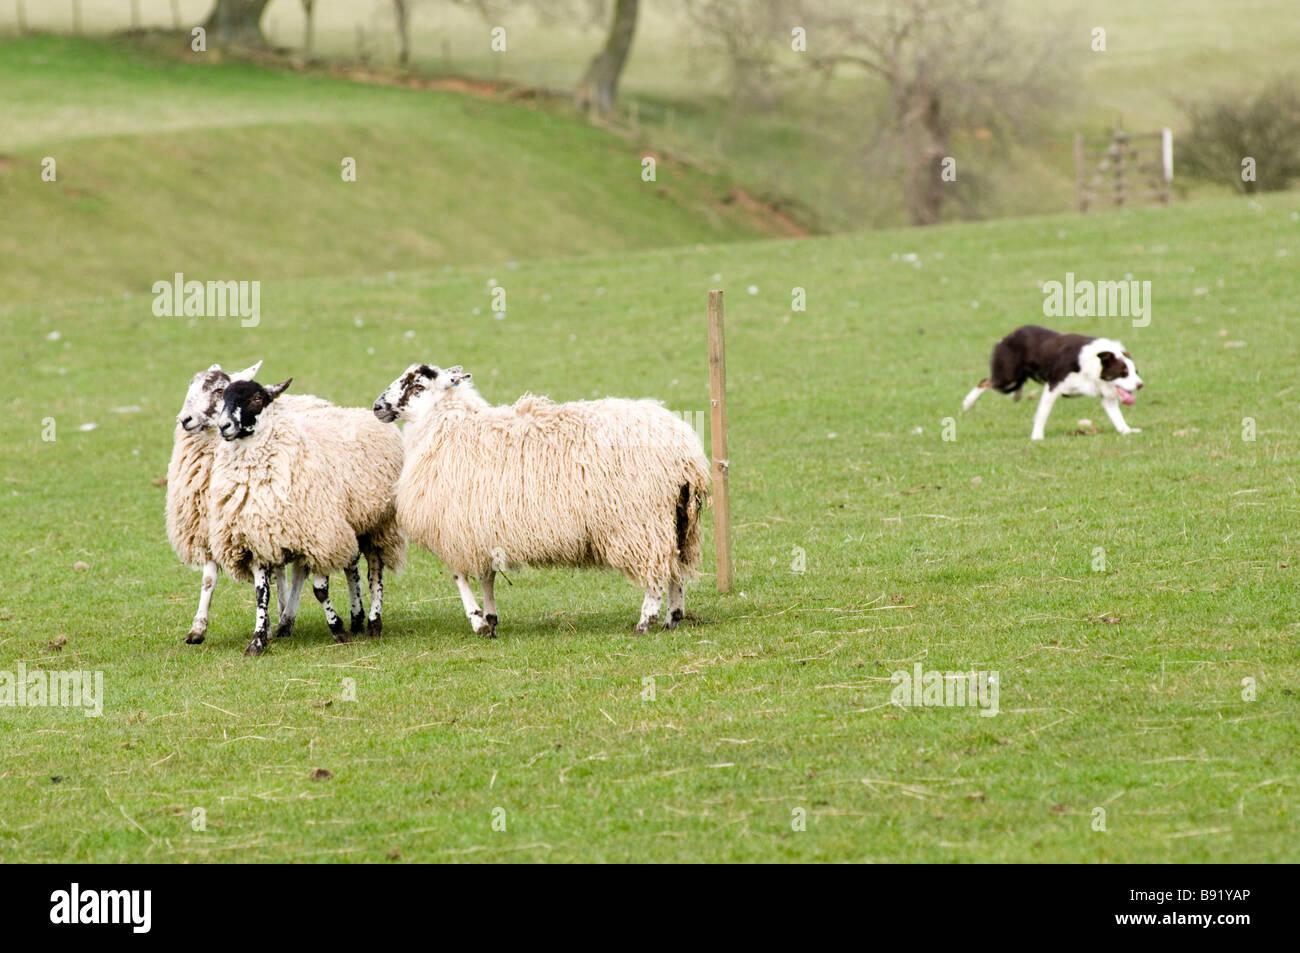 Ovejas perro ovejero prueba perros trabajando Sheppard redondeando un hombre y su país agrícola ganadero entrenamiento Foto de stock